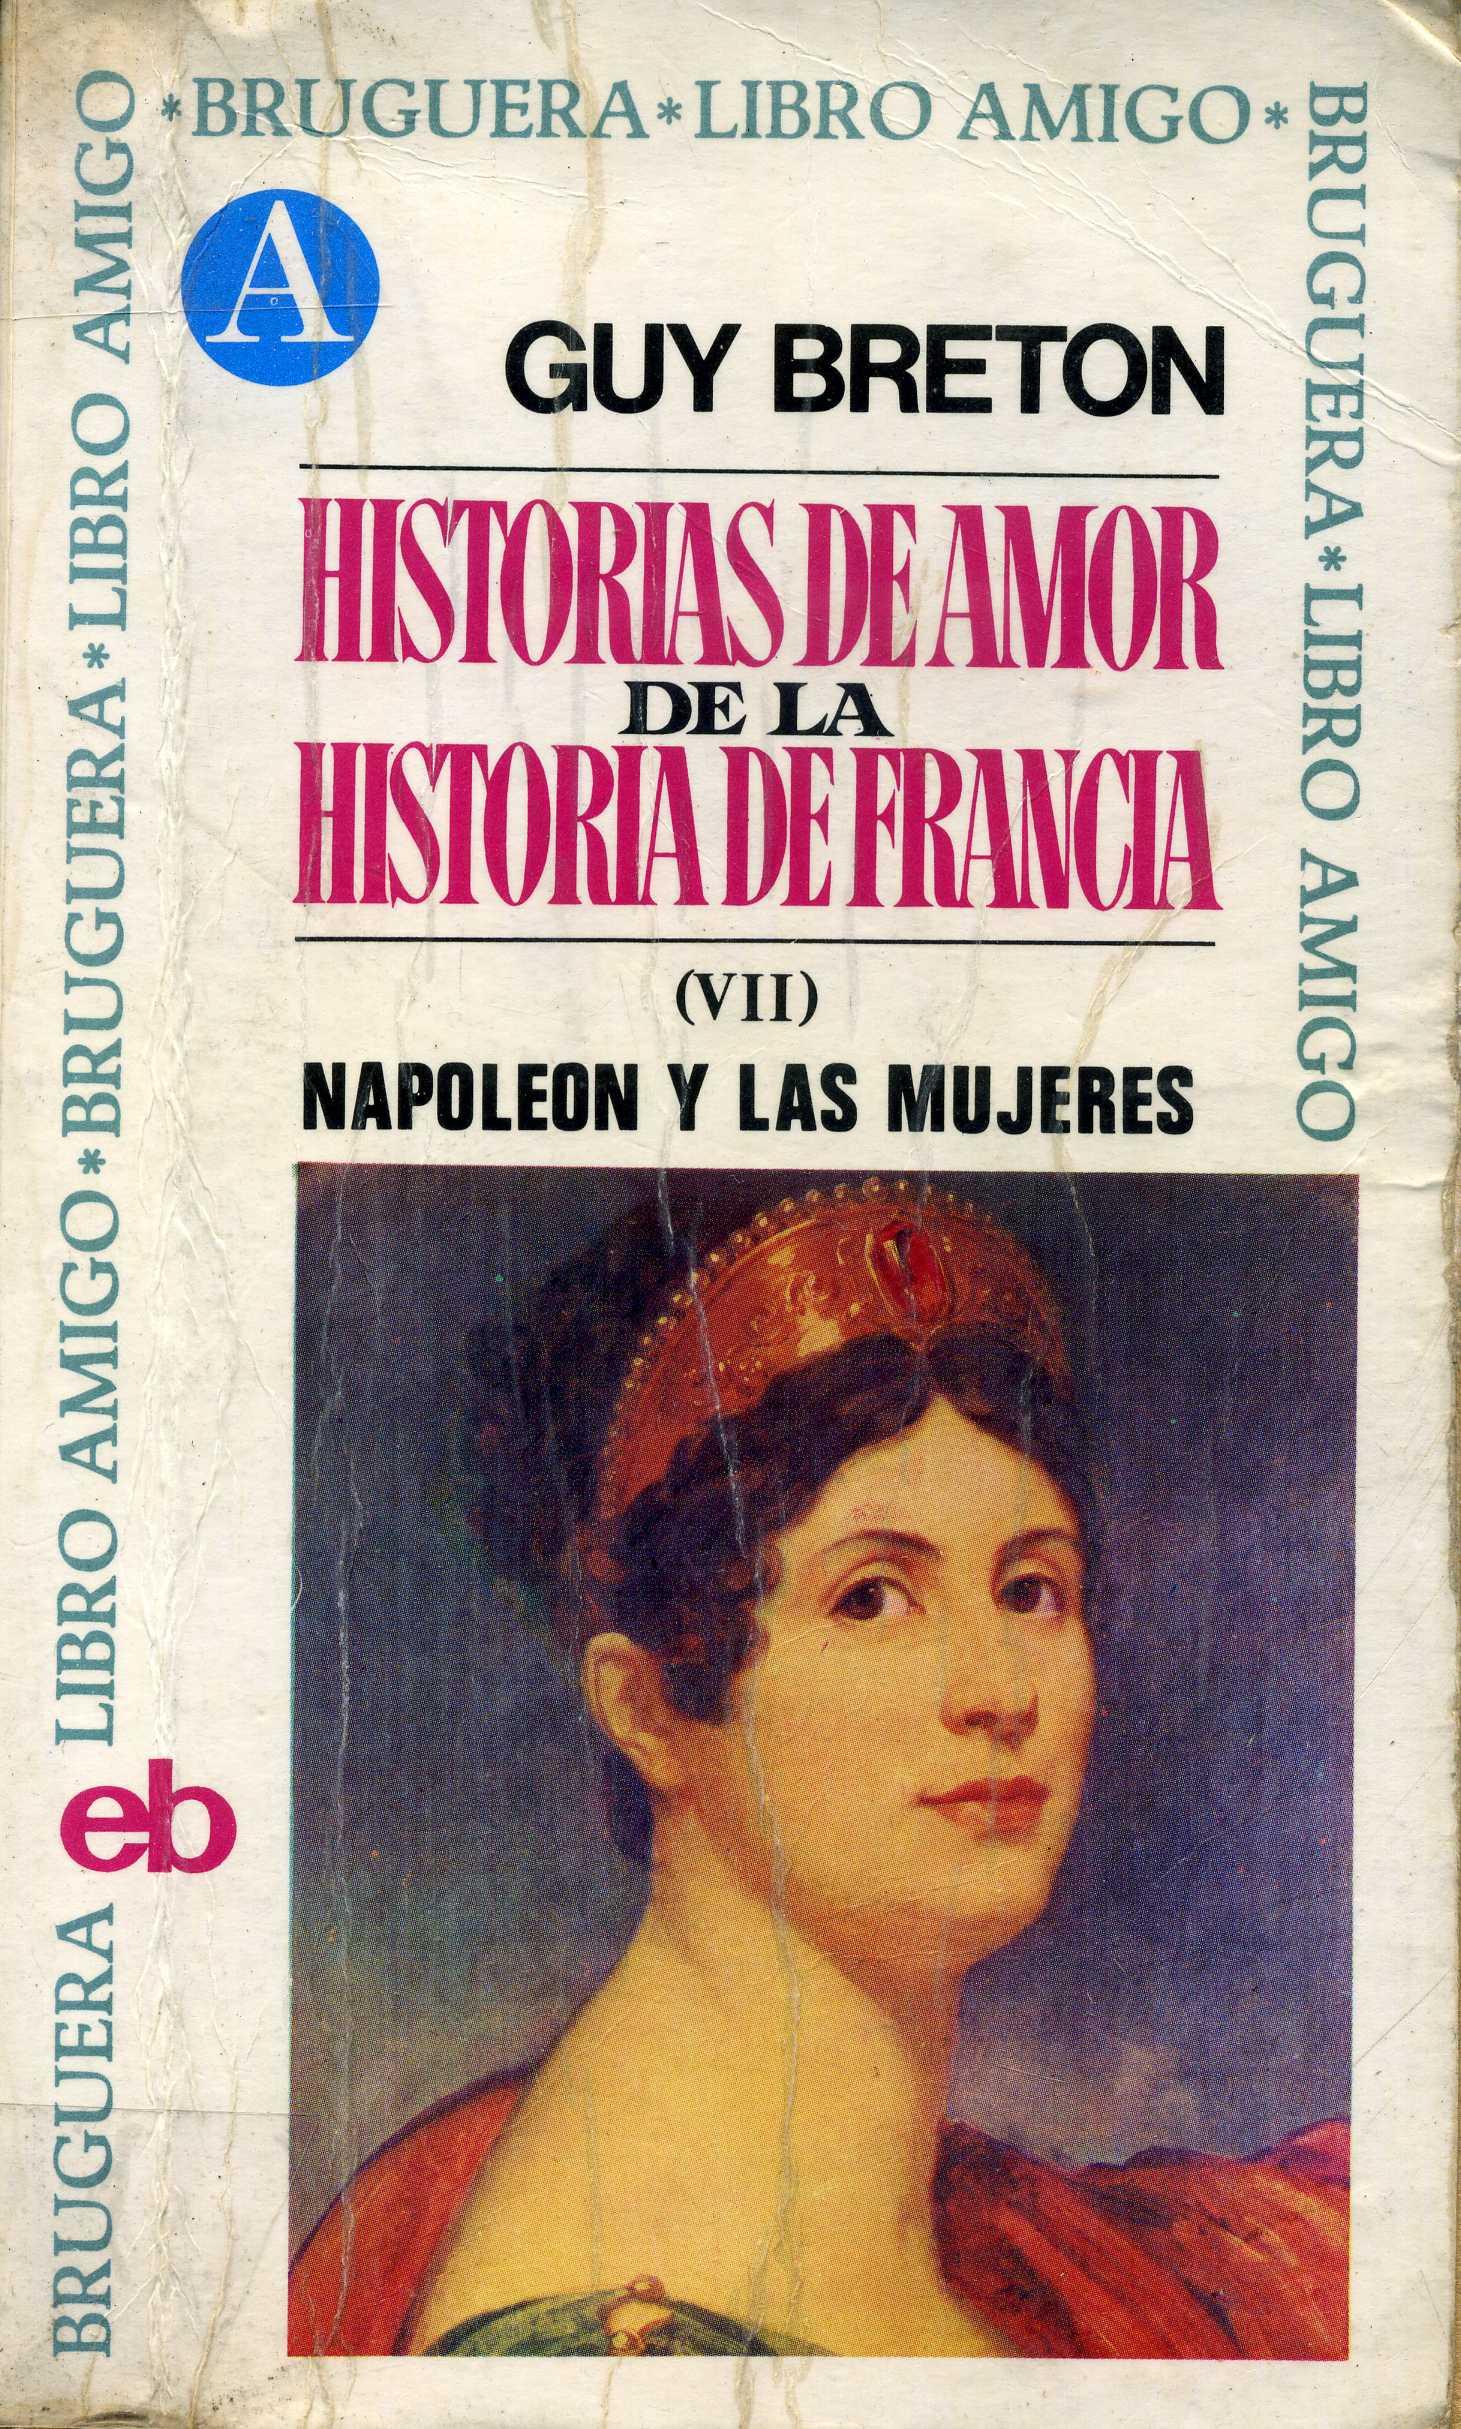 Historias de amor de la historia de Francia VII